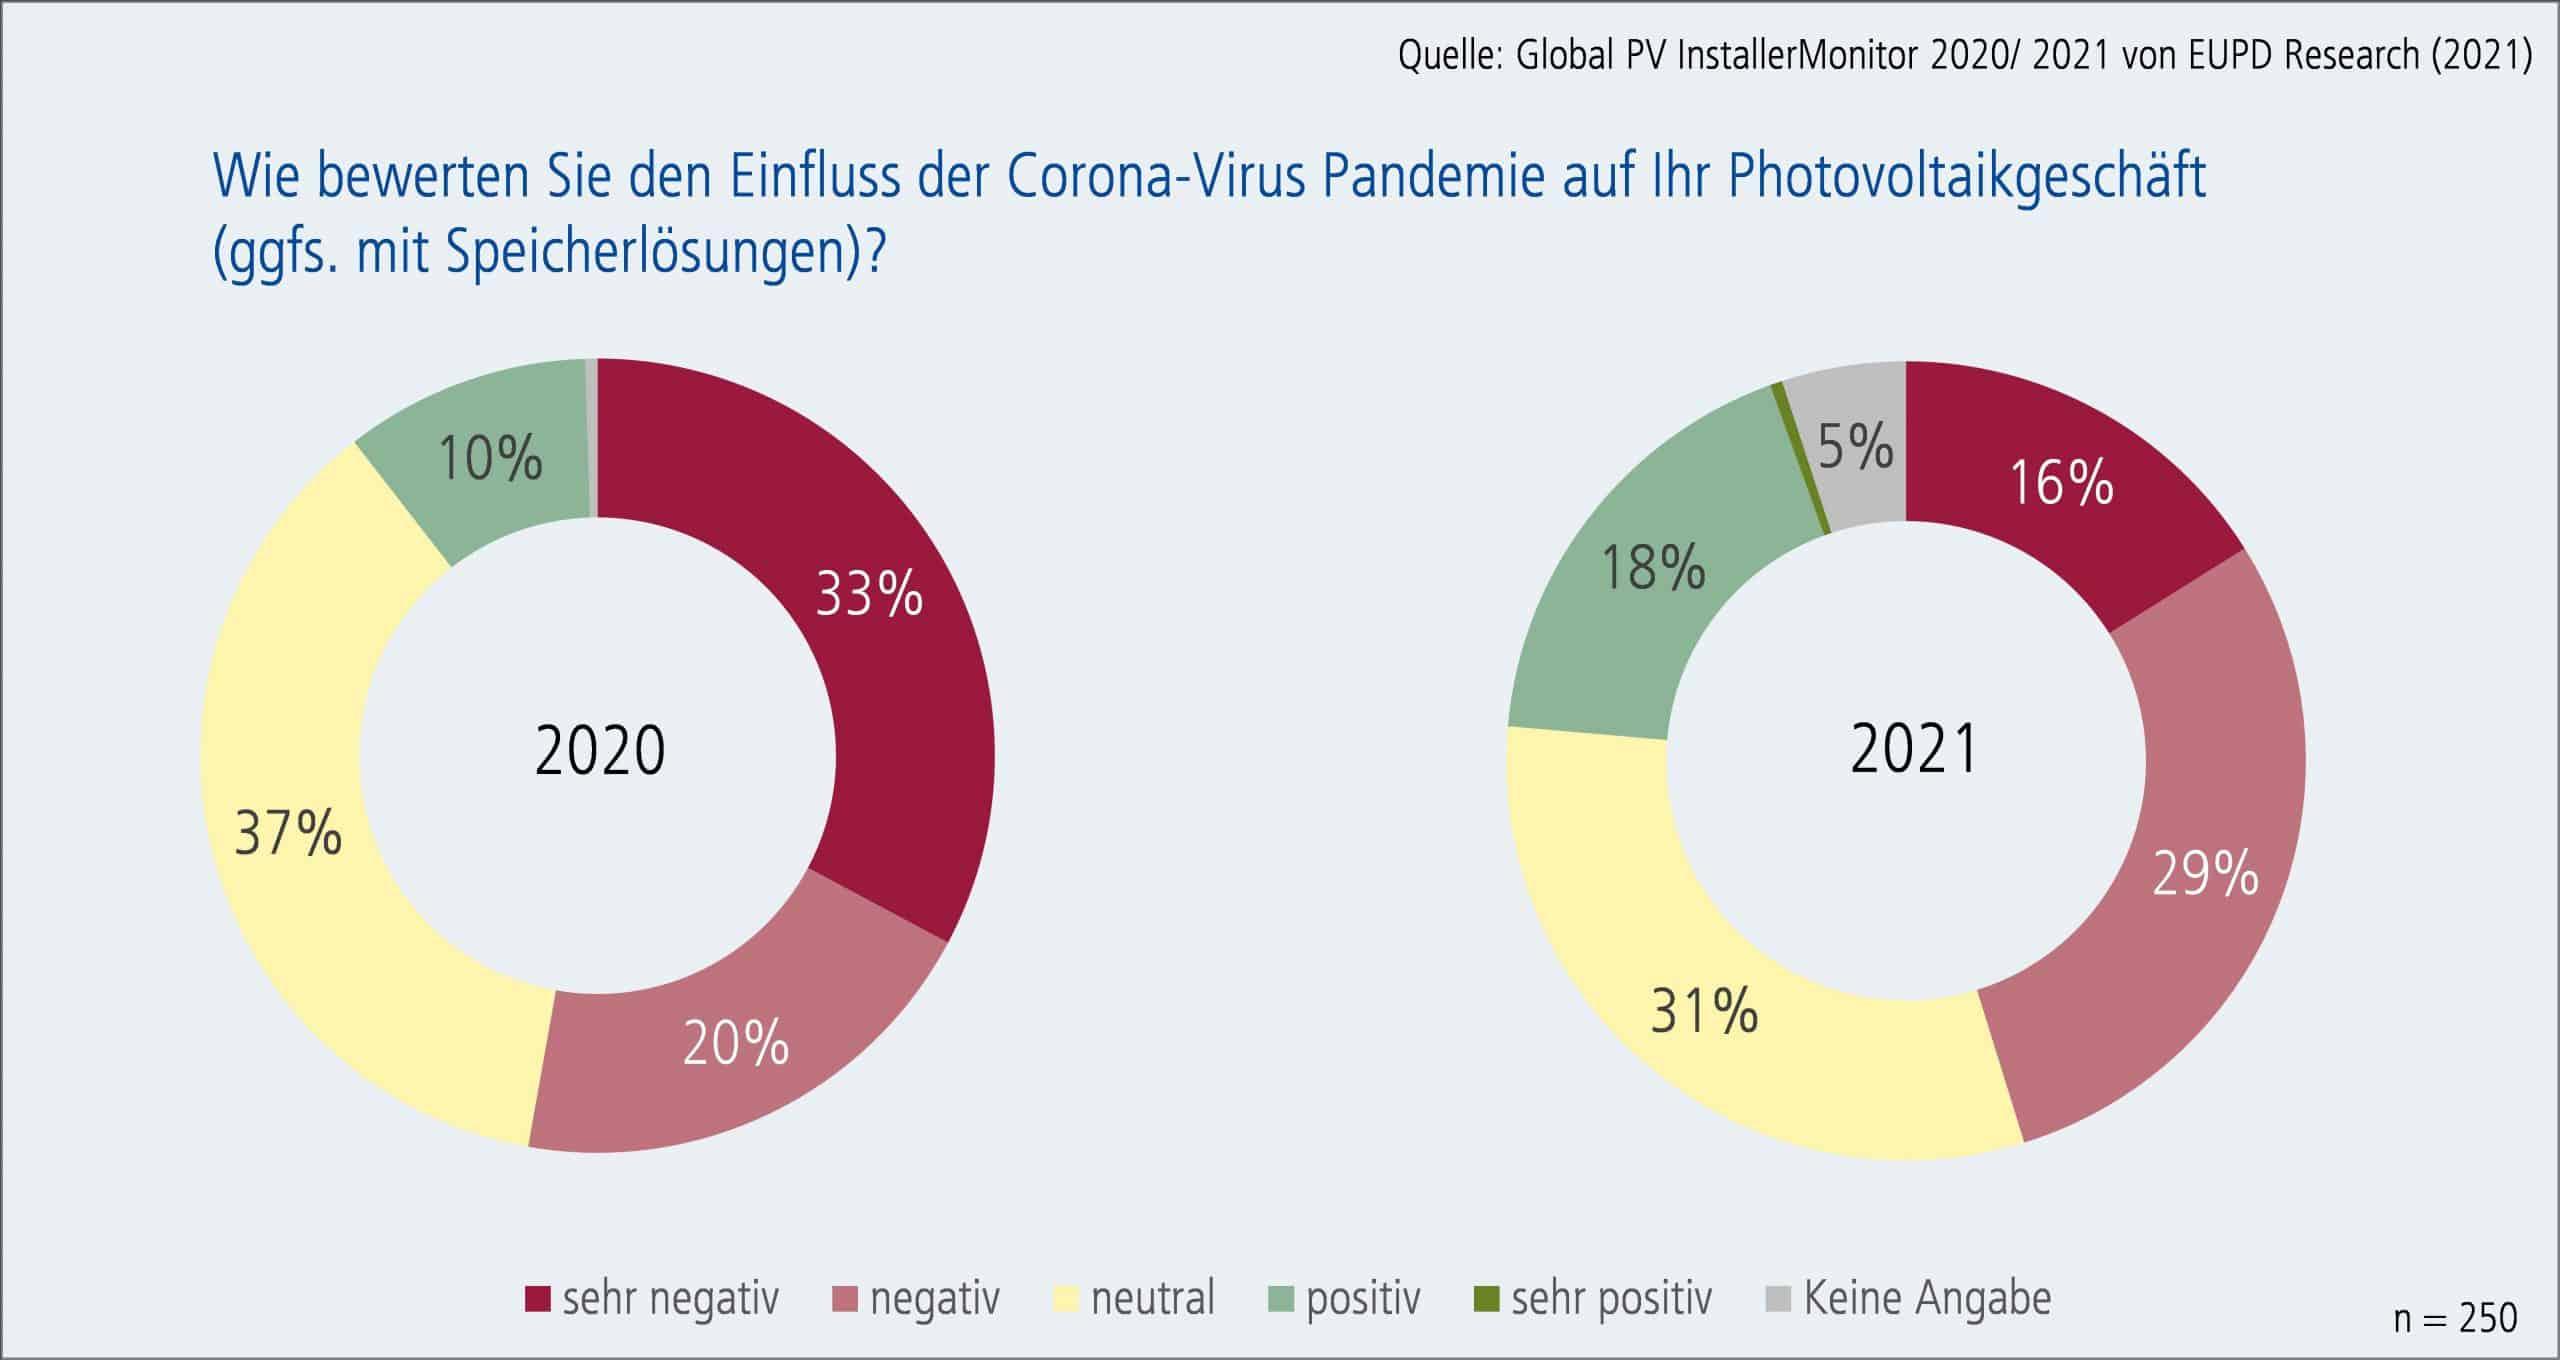 Wie bewerten Sie den Einfluss der Corona-Virus Pandemie auf Ihr Photovoltaikgeschäft (ggf. mit Speicherlösungen)